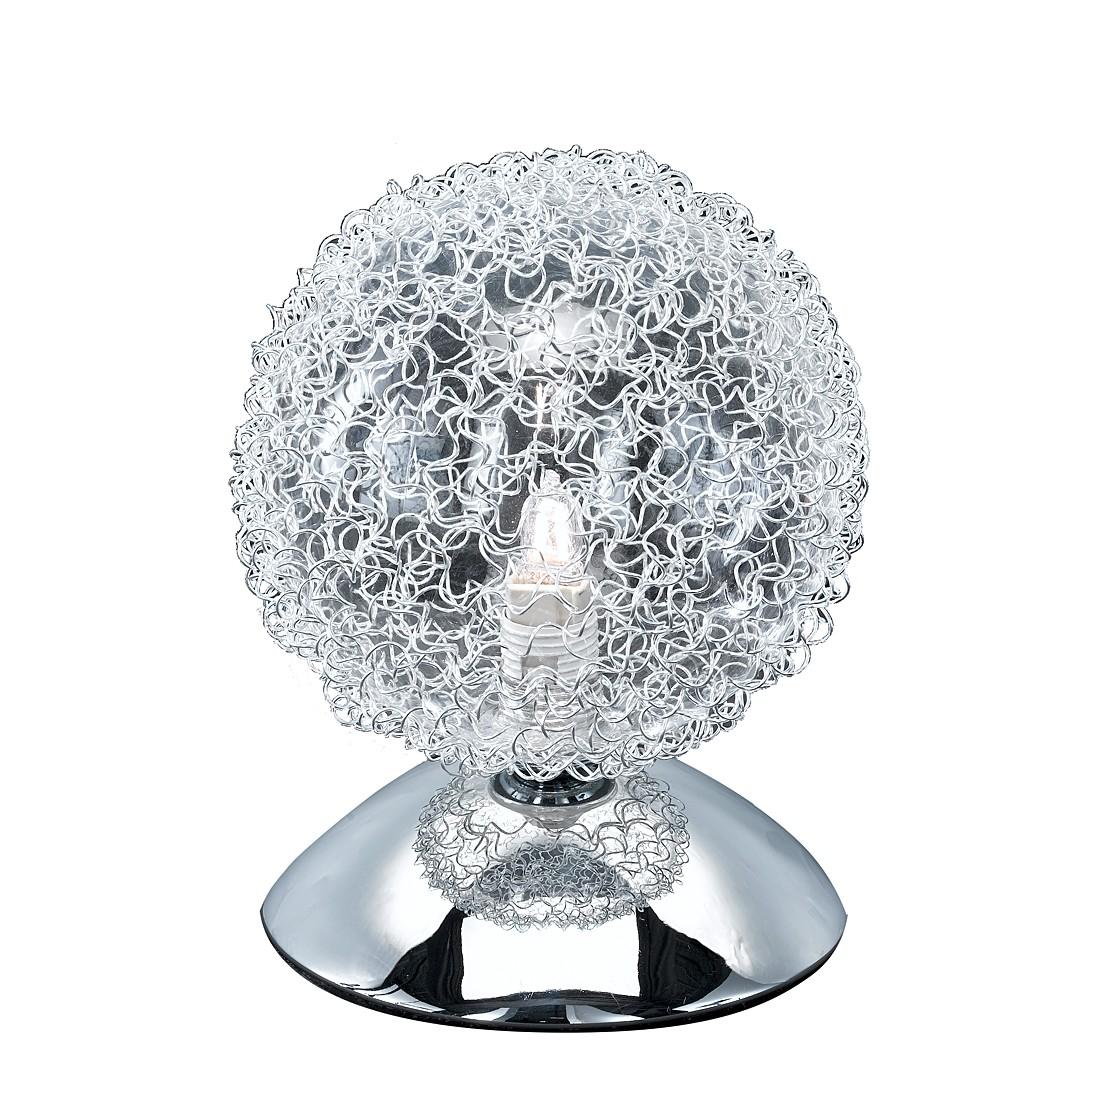 EEK D, Tischleuchte ARC – Metall/Glas – 1-flammig, Wofi bestellen